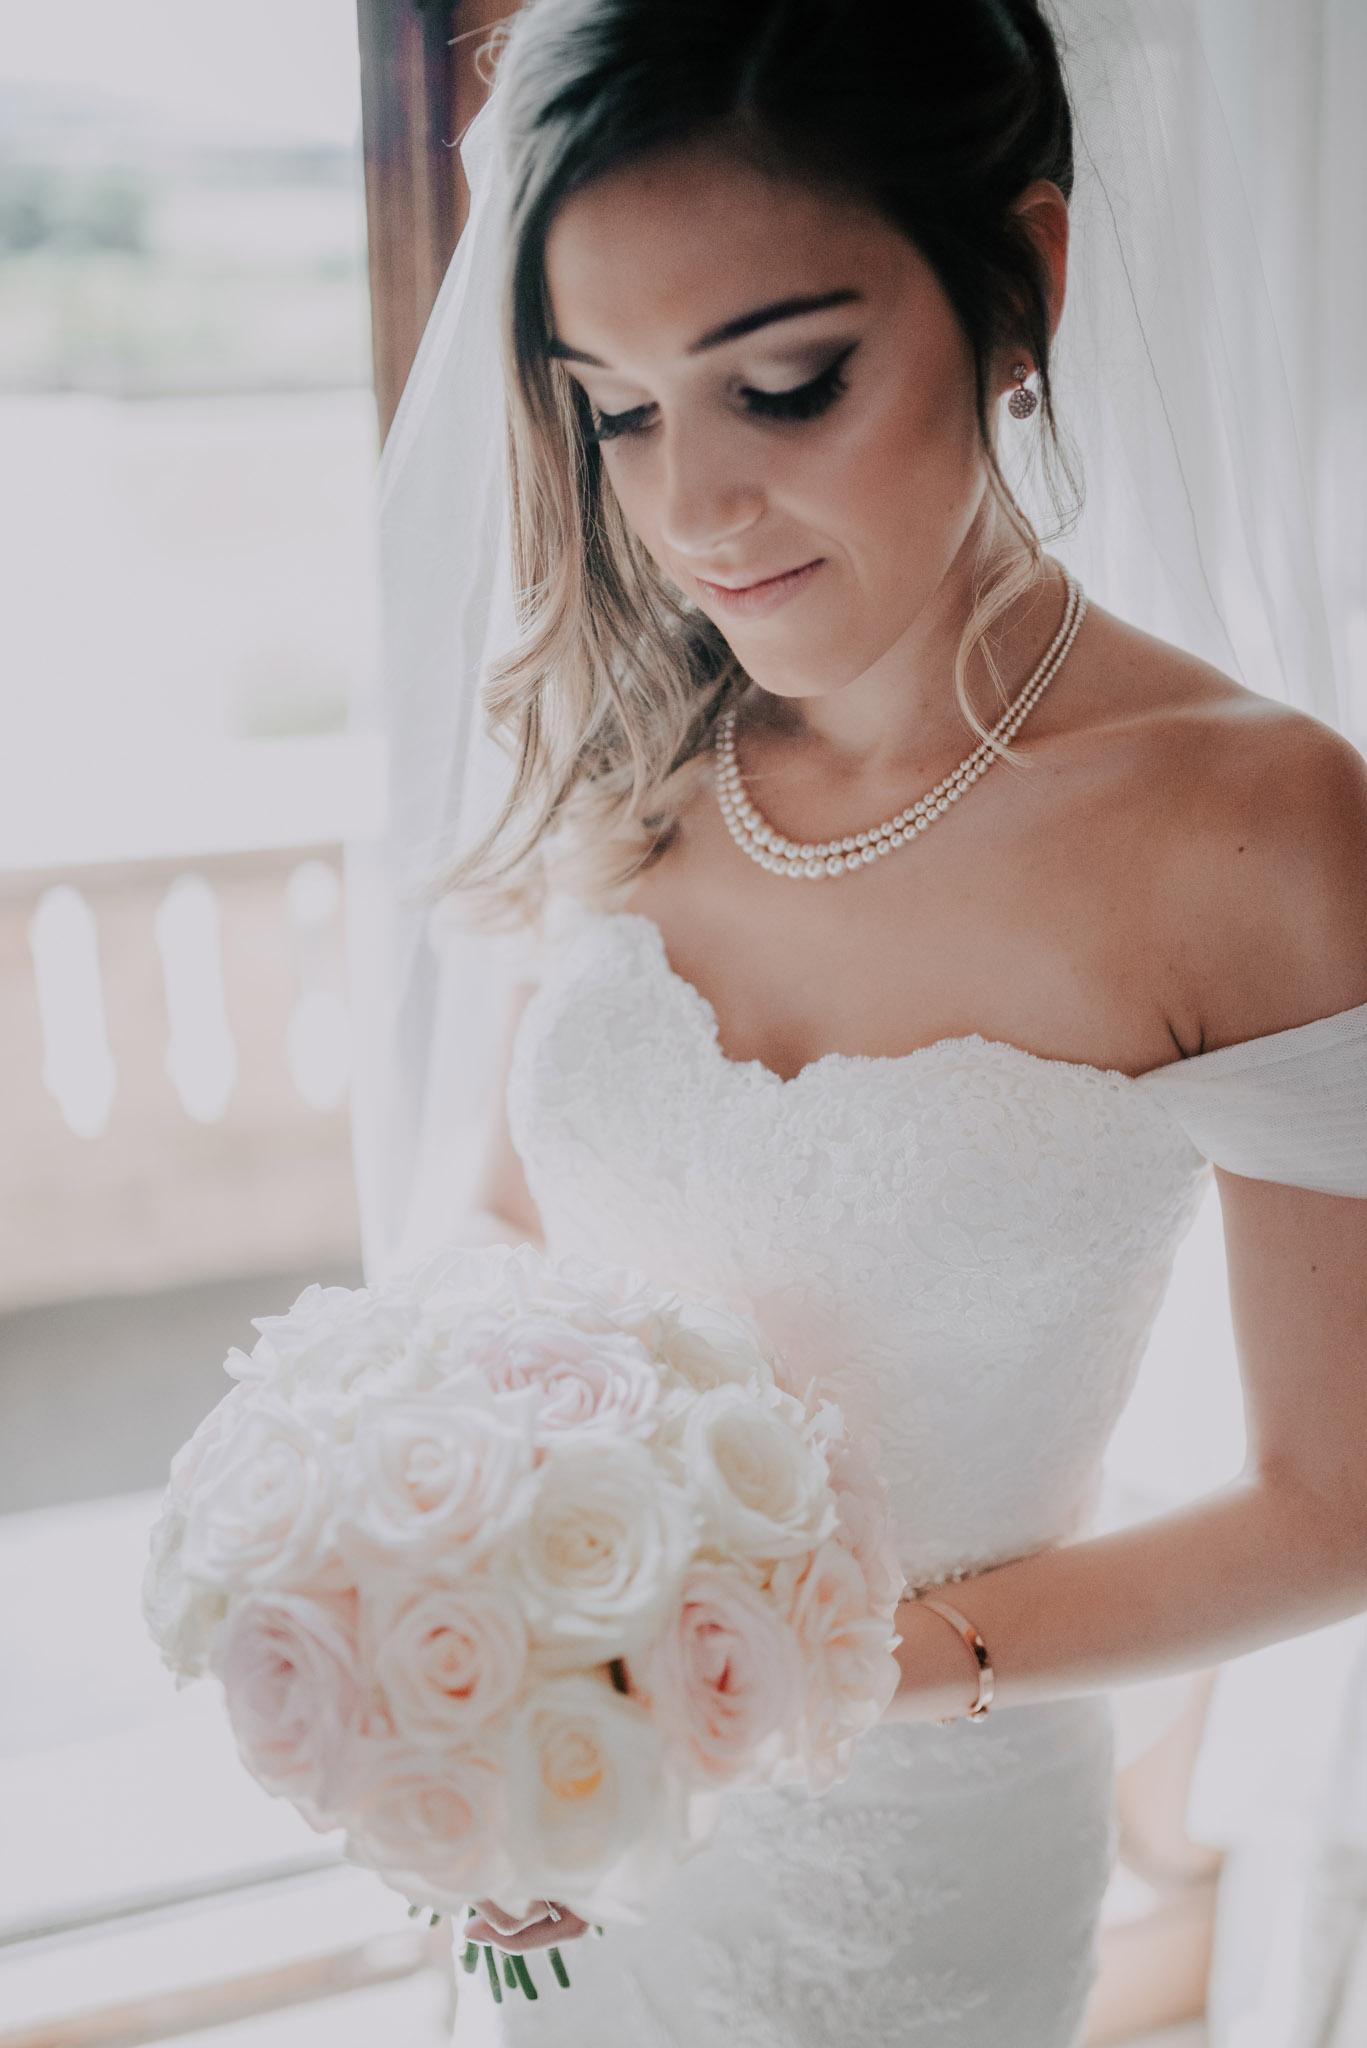 scott-stockwell-wedding-photographer-wood-norton-evesham112.jpg